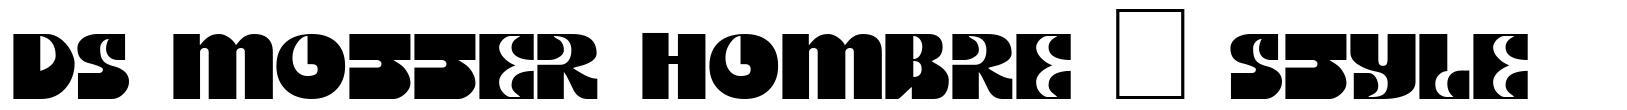 DS Motter Hombre + Style font